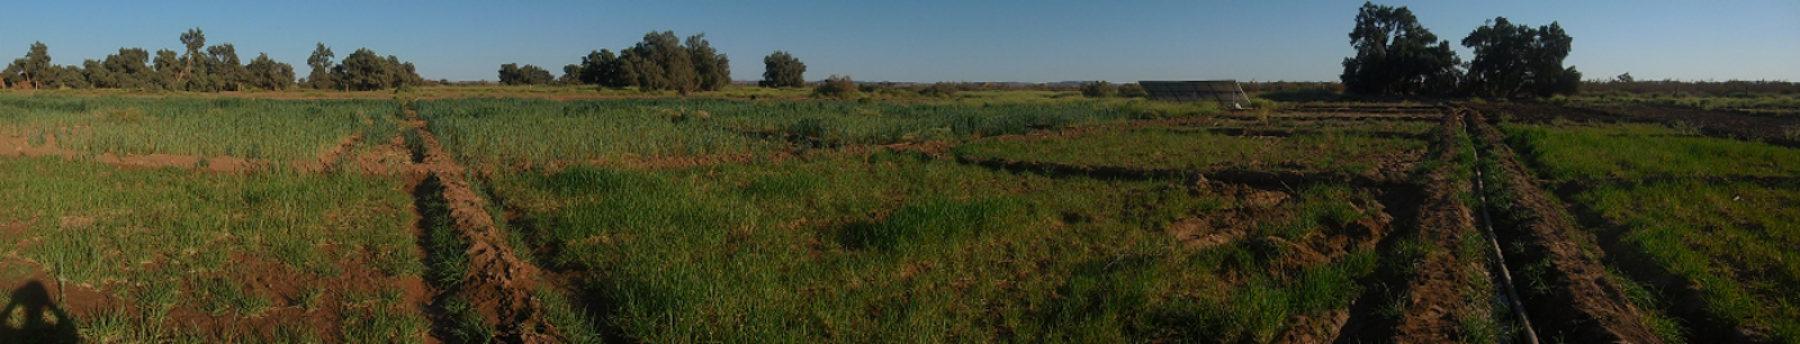 champs et tuyaux